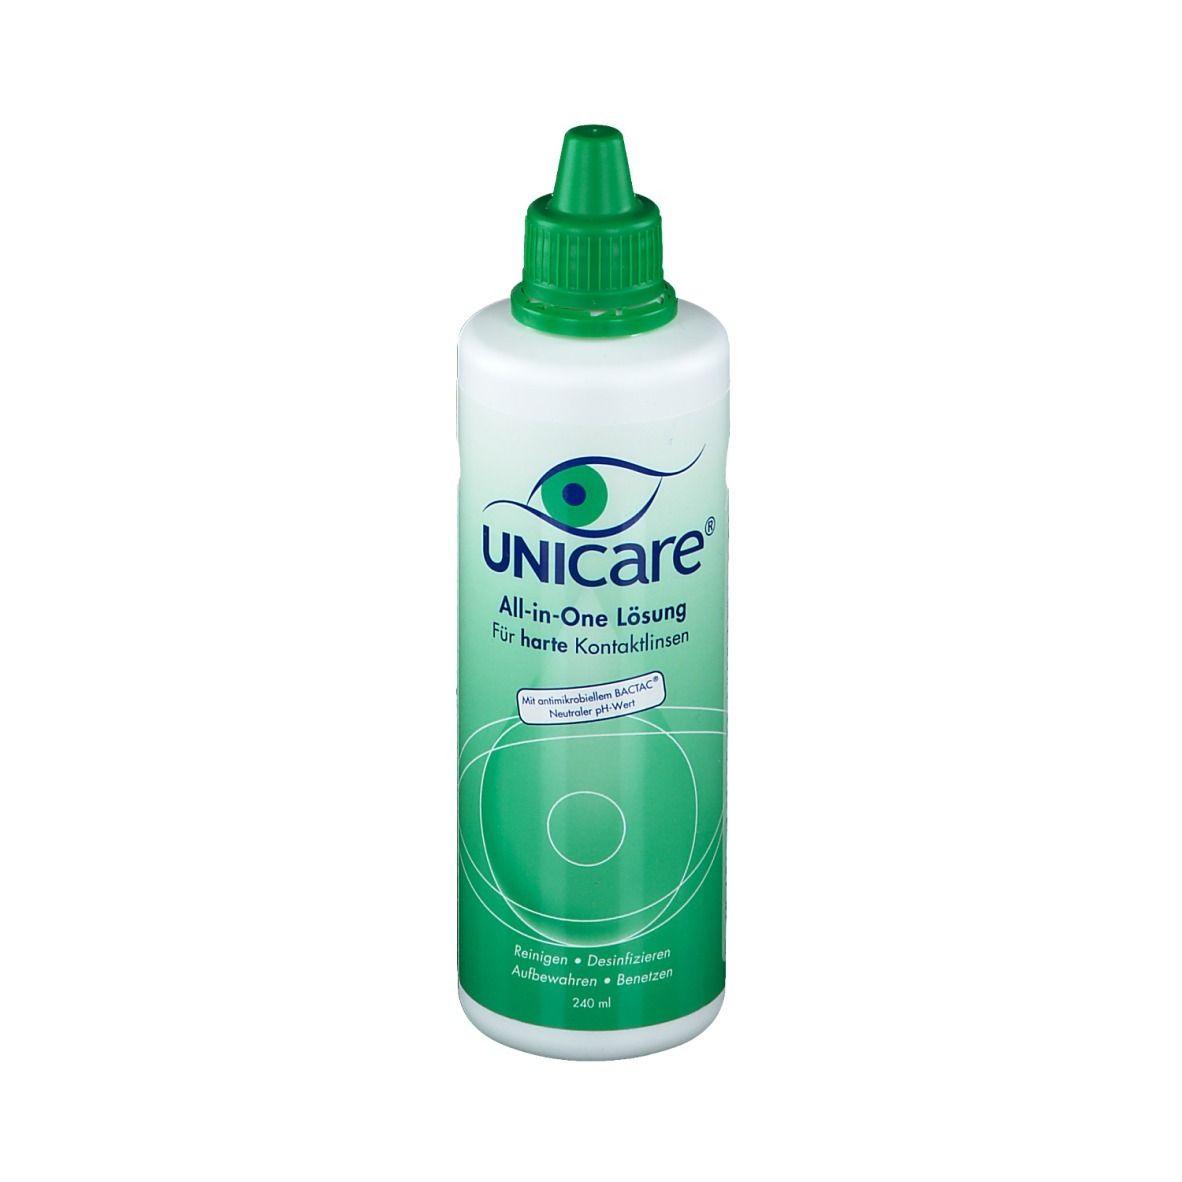 Unicare® All-in-One Lösung für Hartlinsen